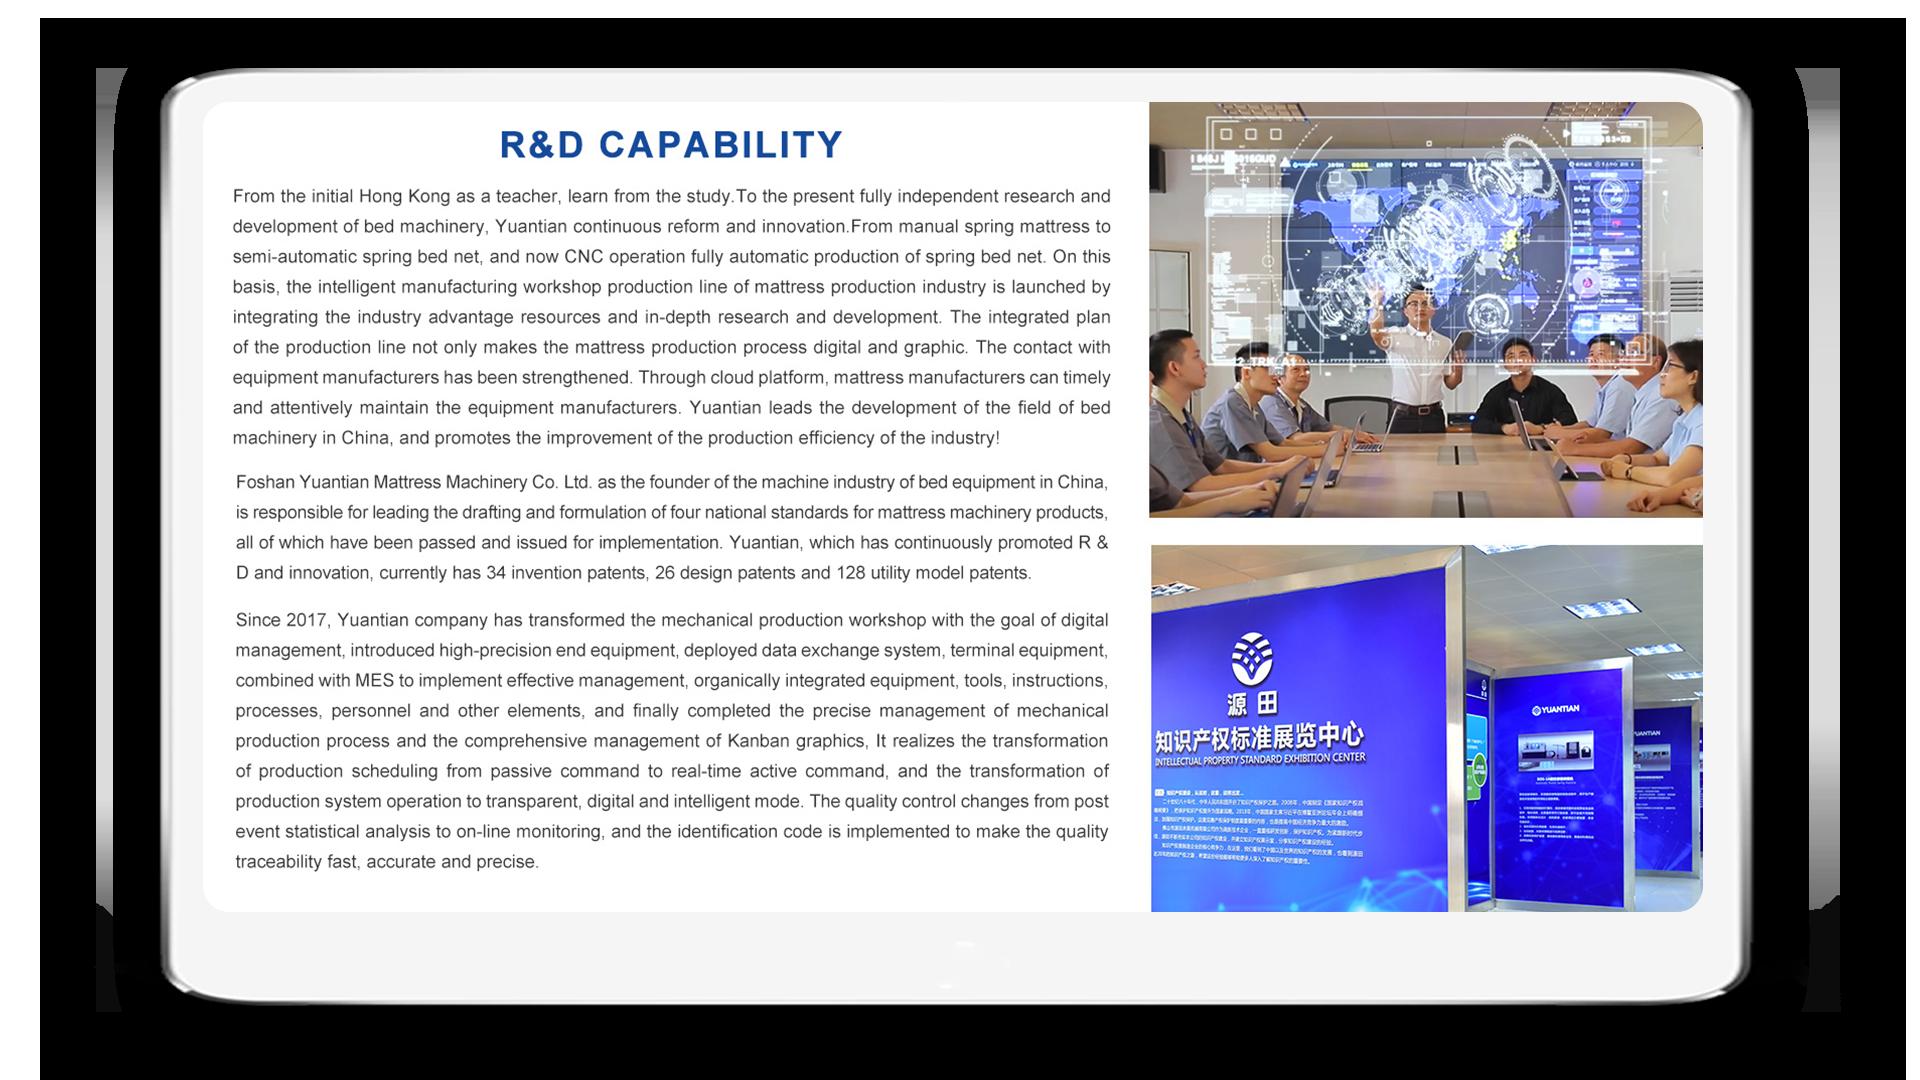 R&D Capability